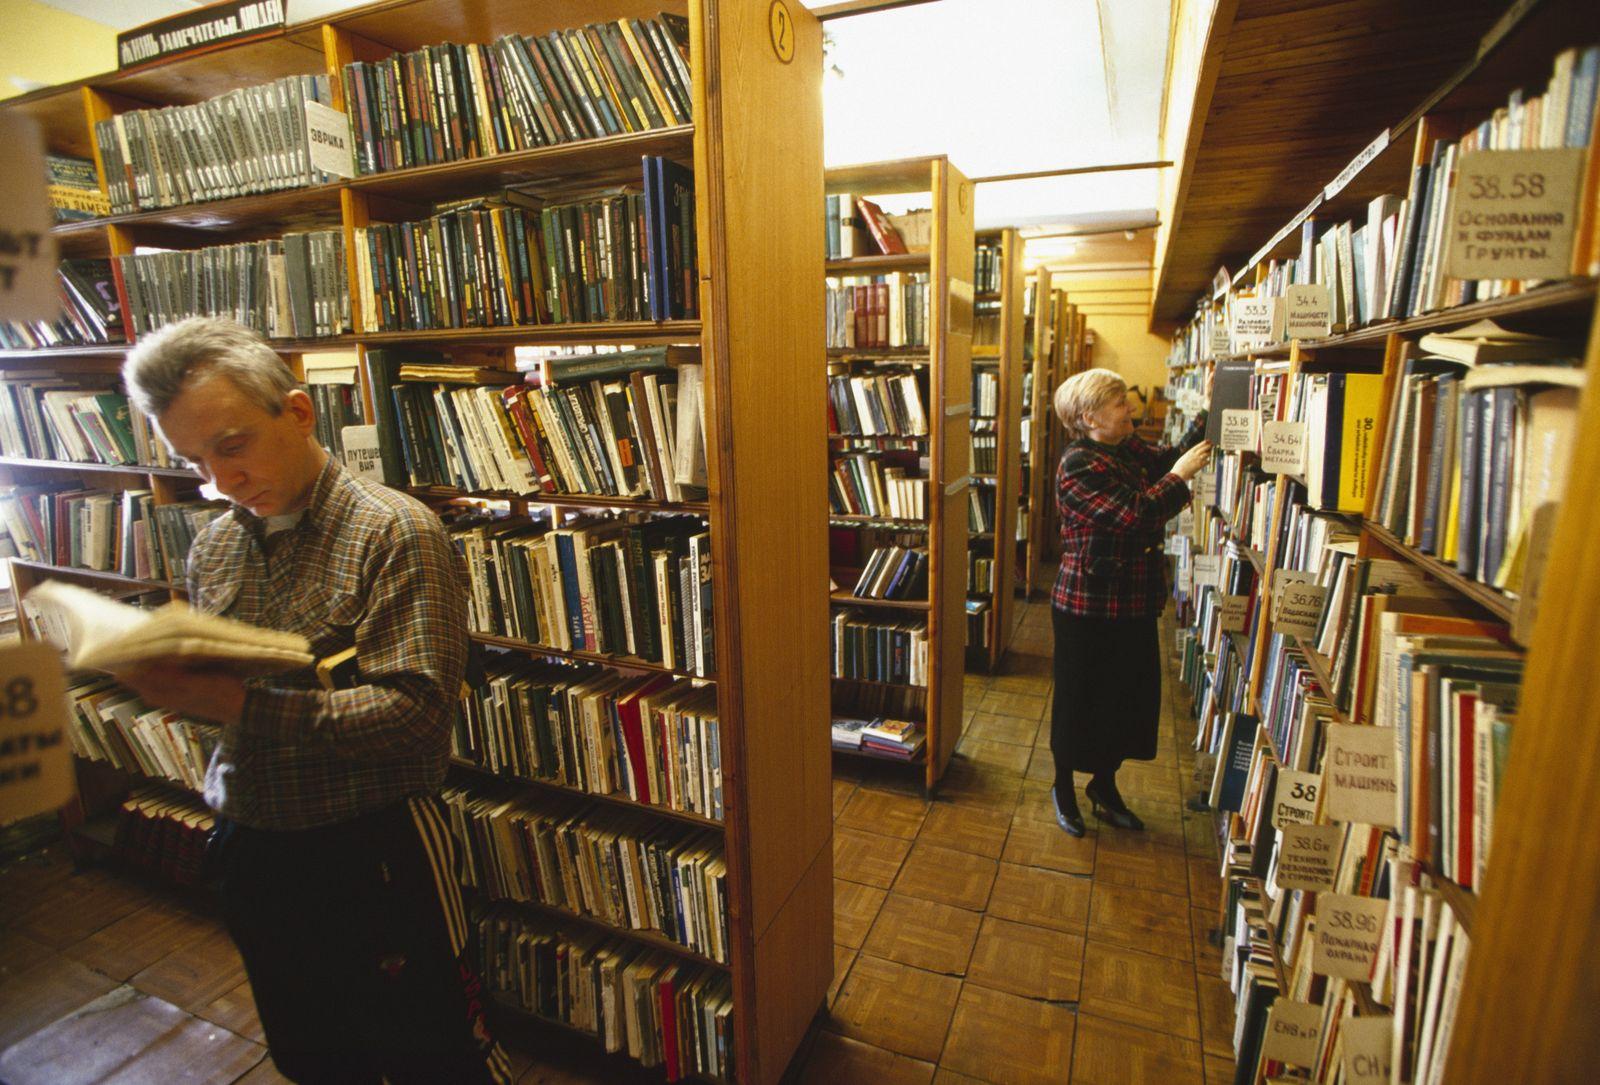 NICHT MEHR VERWENDEN! - bibliothek / Erwachsener / Rentner